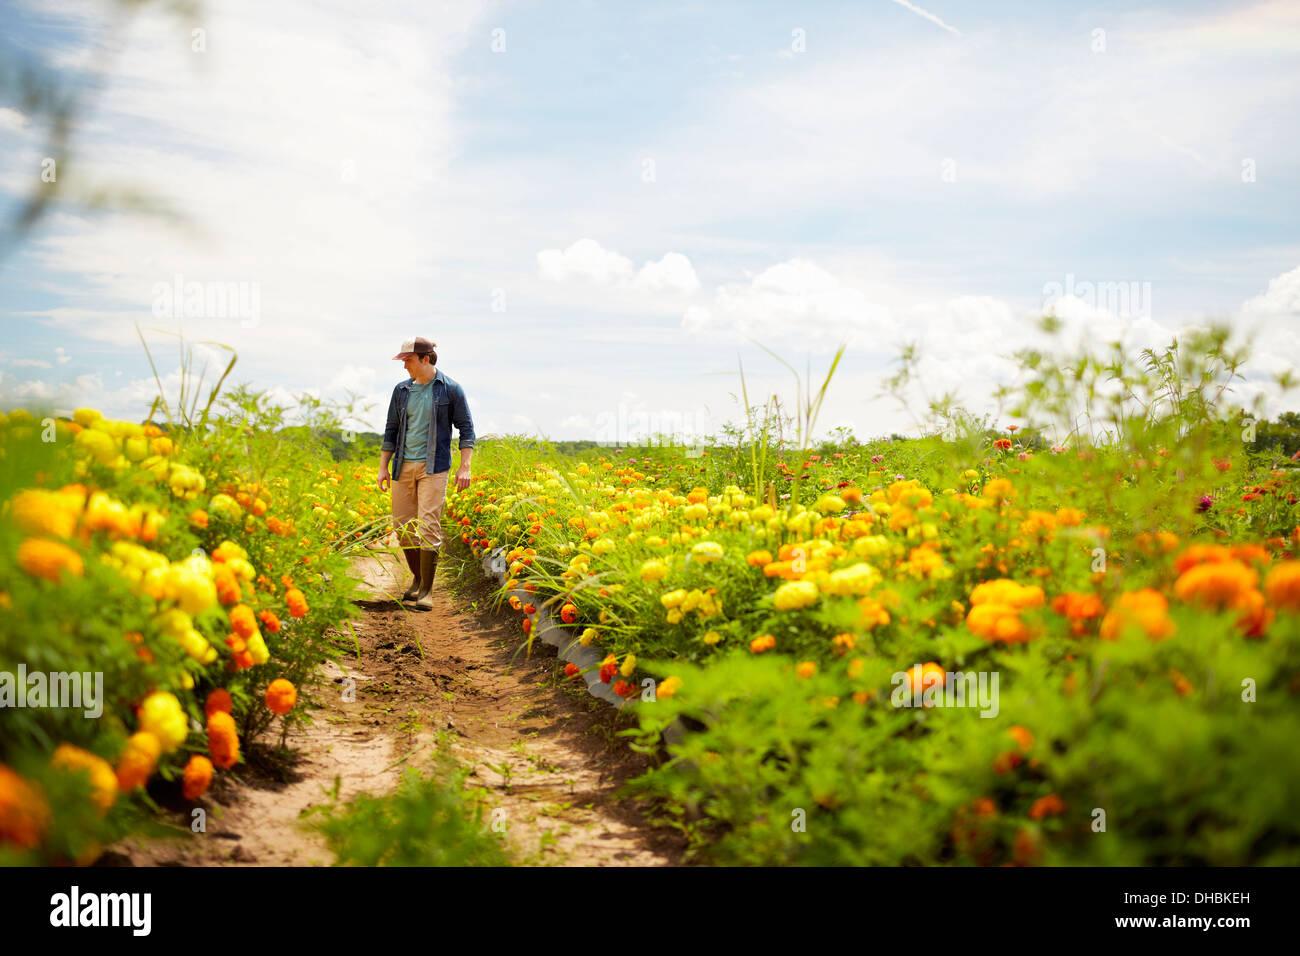 Ein Bauer bei seiner Feldarbeit im Staat New York. Eine gelbe und Orange aus biologischem Anbau Blume zuschneiden. Stockbild